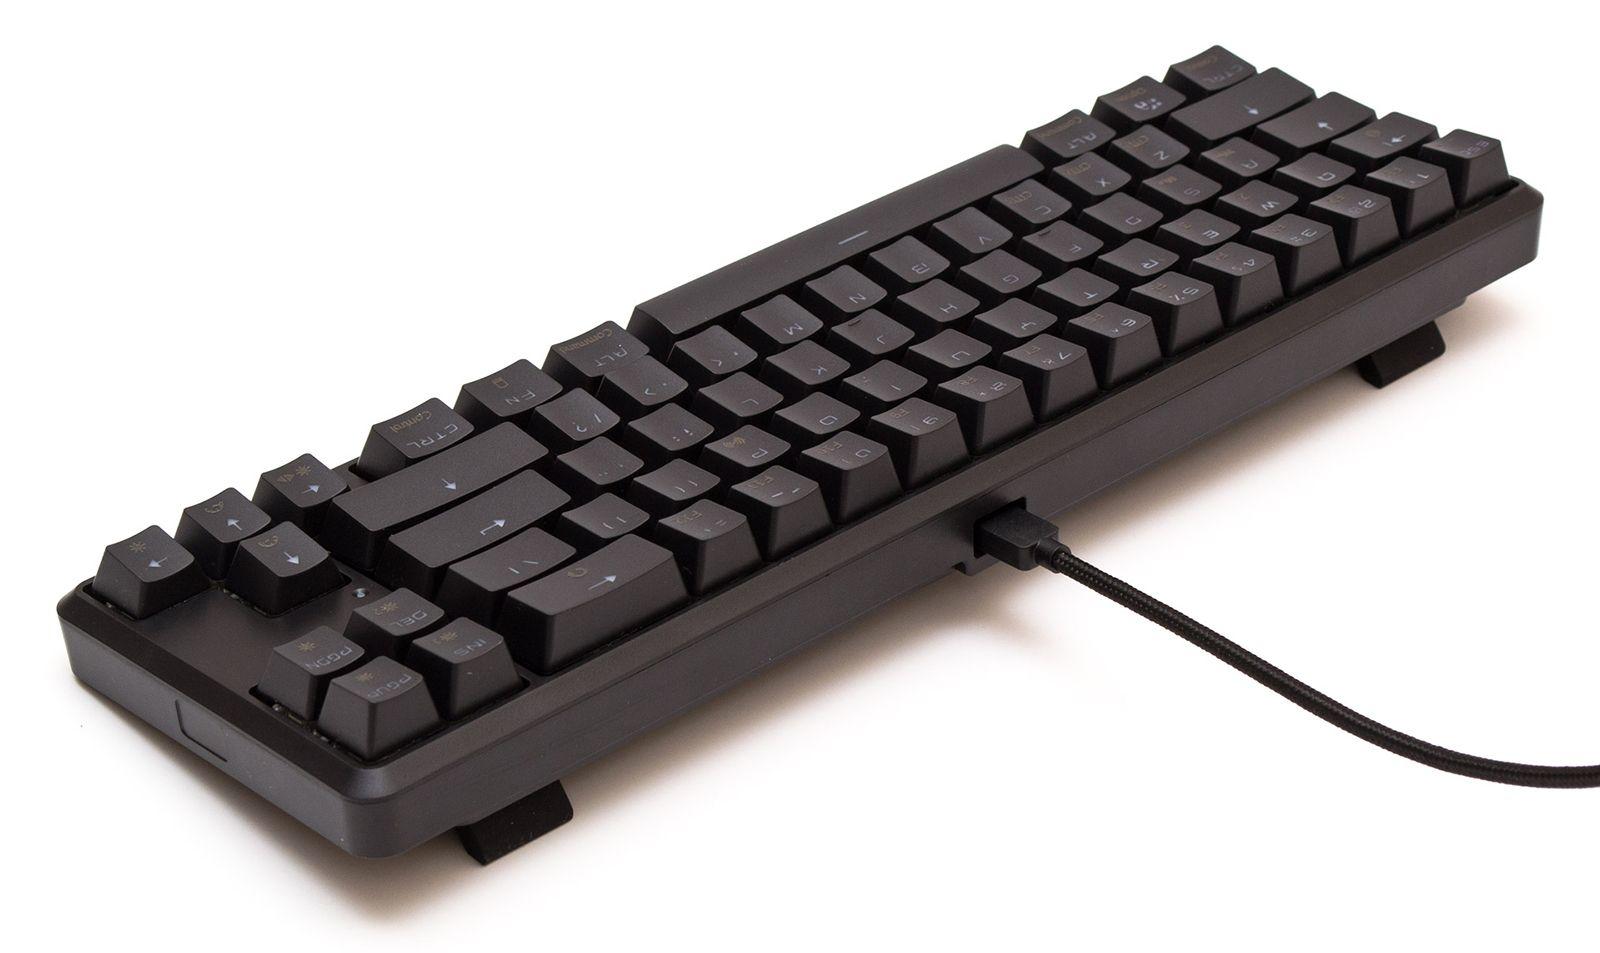 Клавиатура  Hator Skyfall HEX. Фото 16